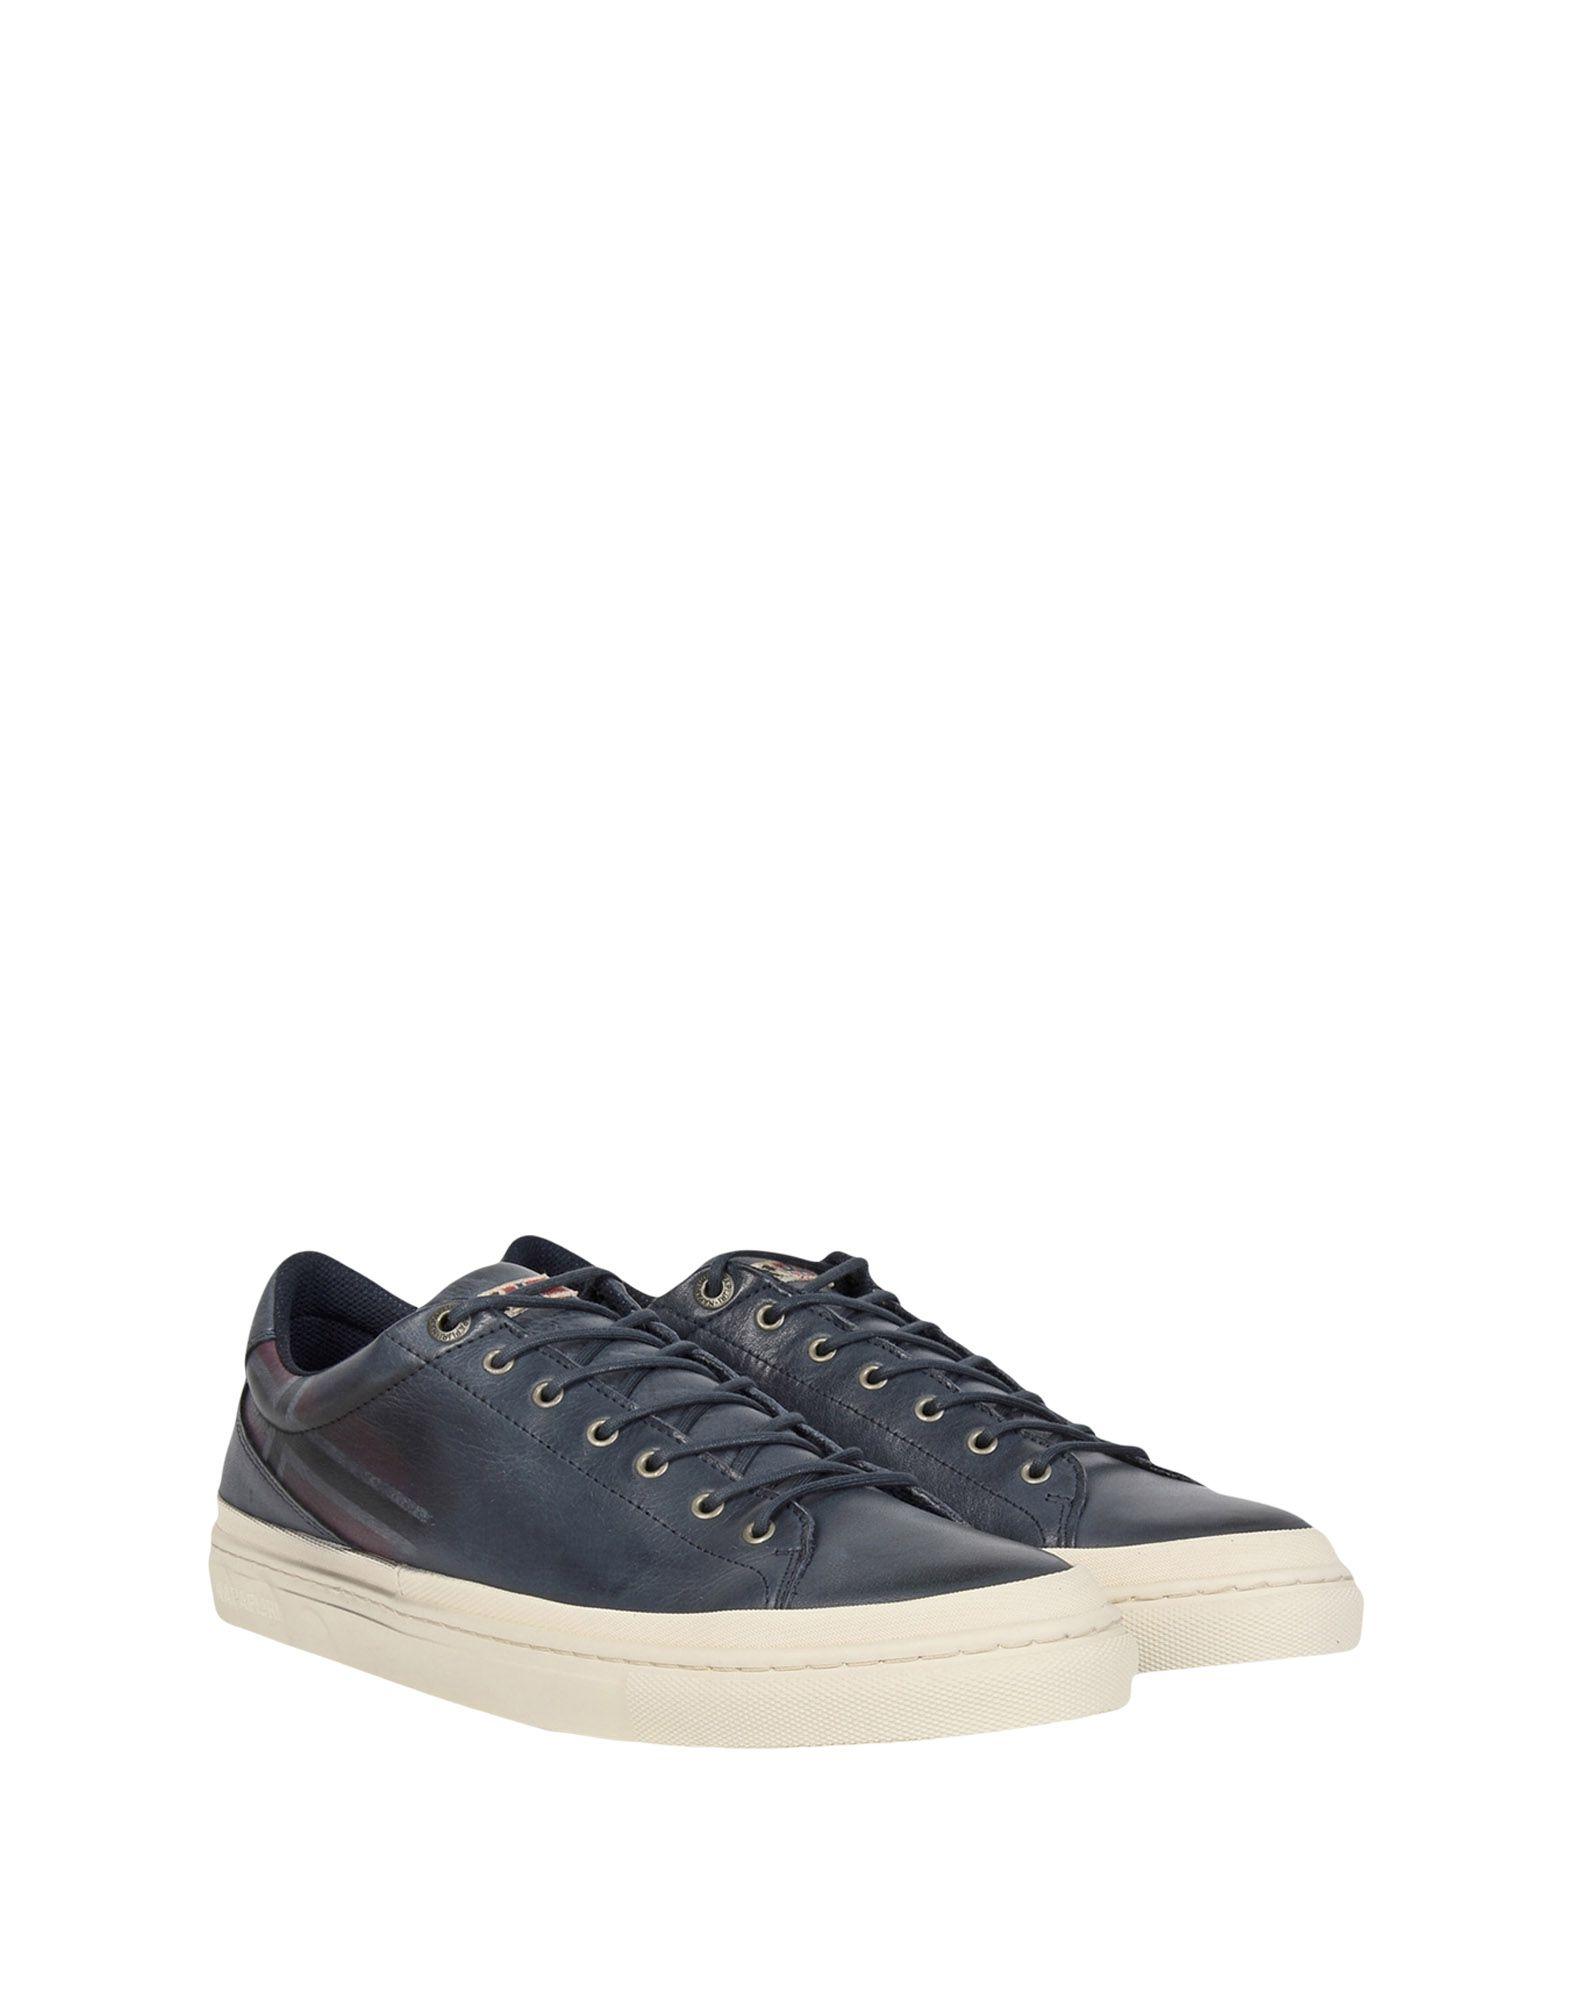 Sneakers Napapijri Uomo - 11394822CO elegante